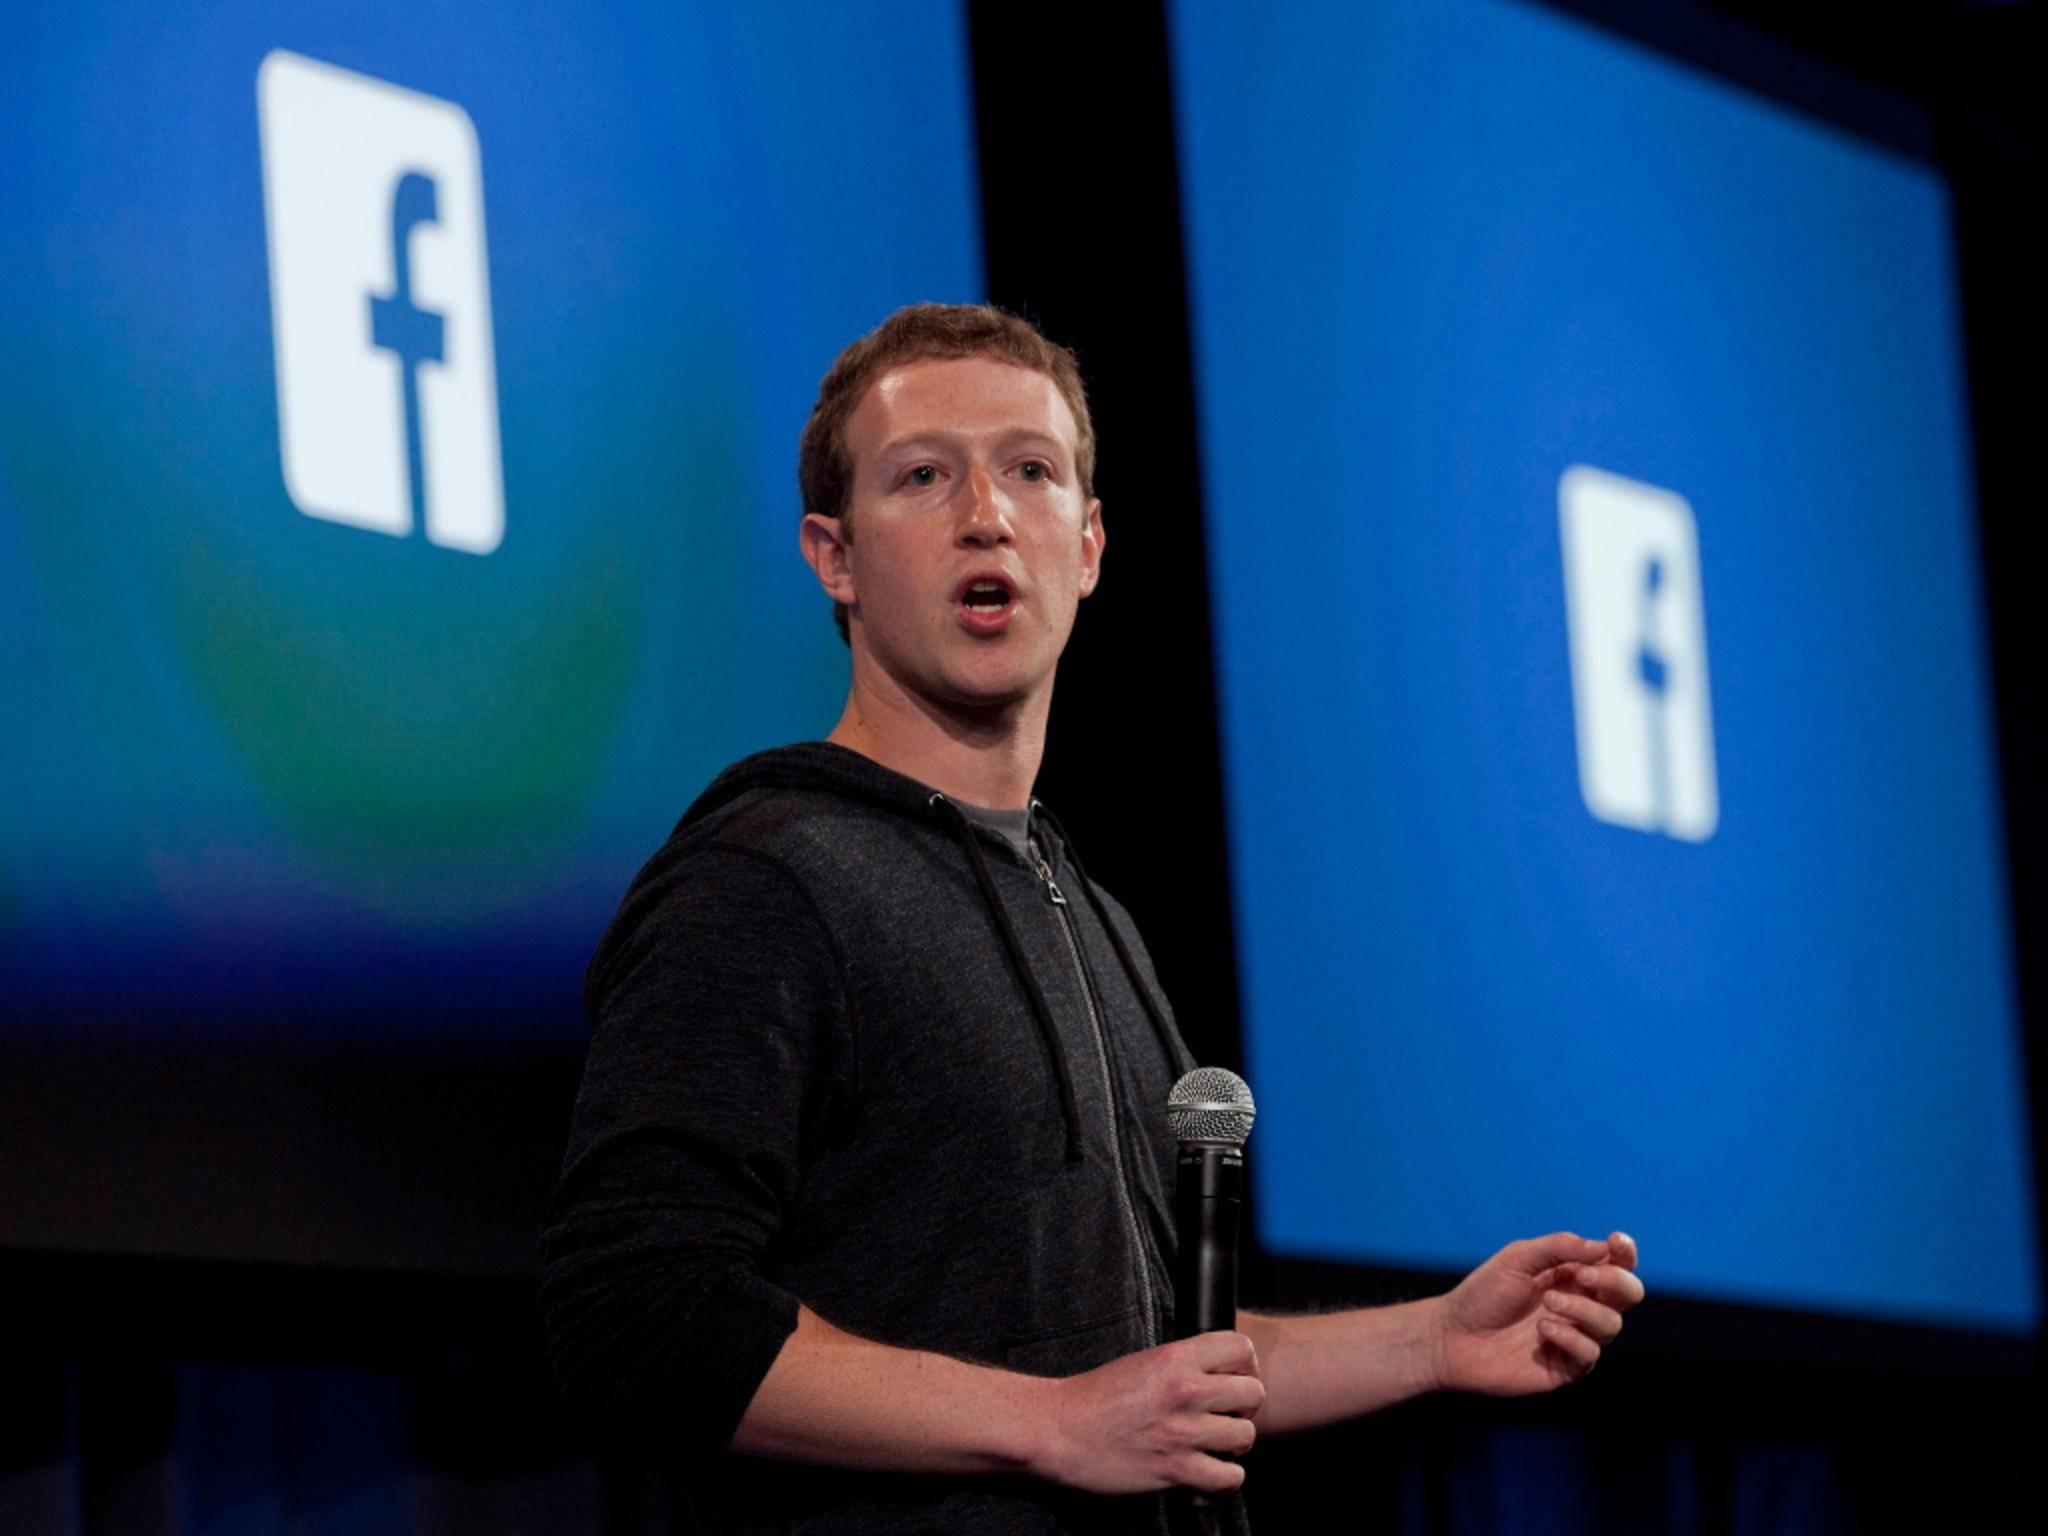 Passwort geklaut: Facebook-Erfinder Mark Zuckerberg